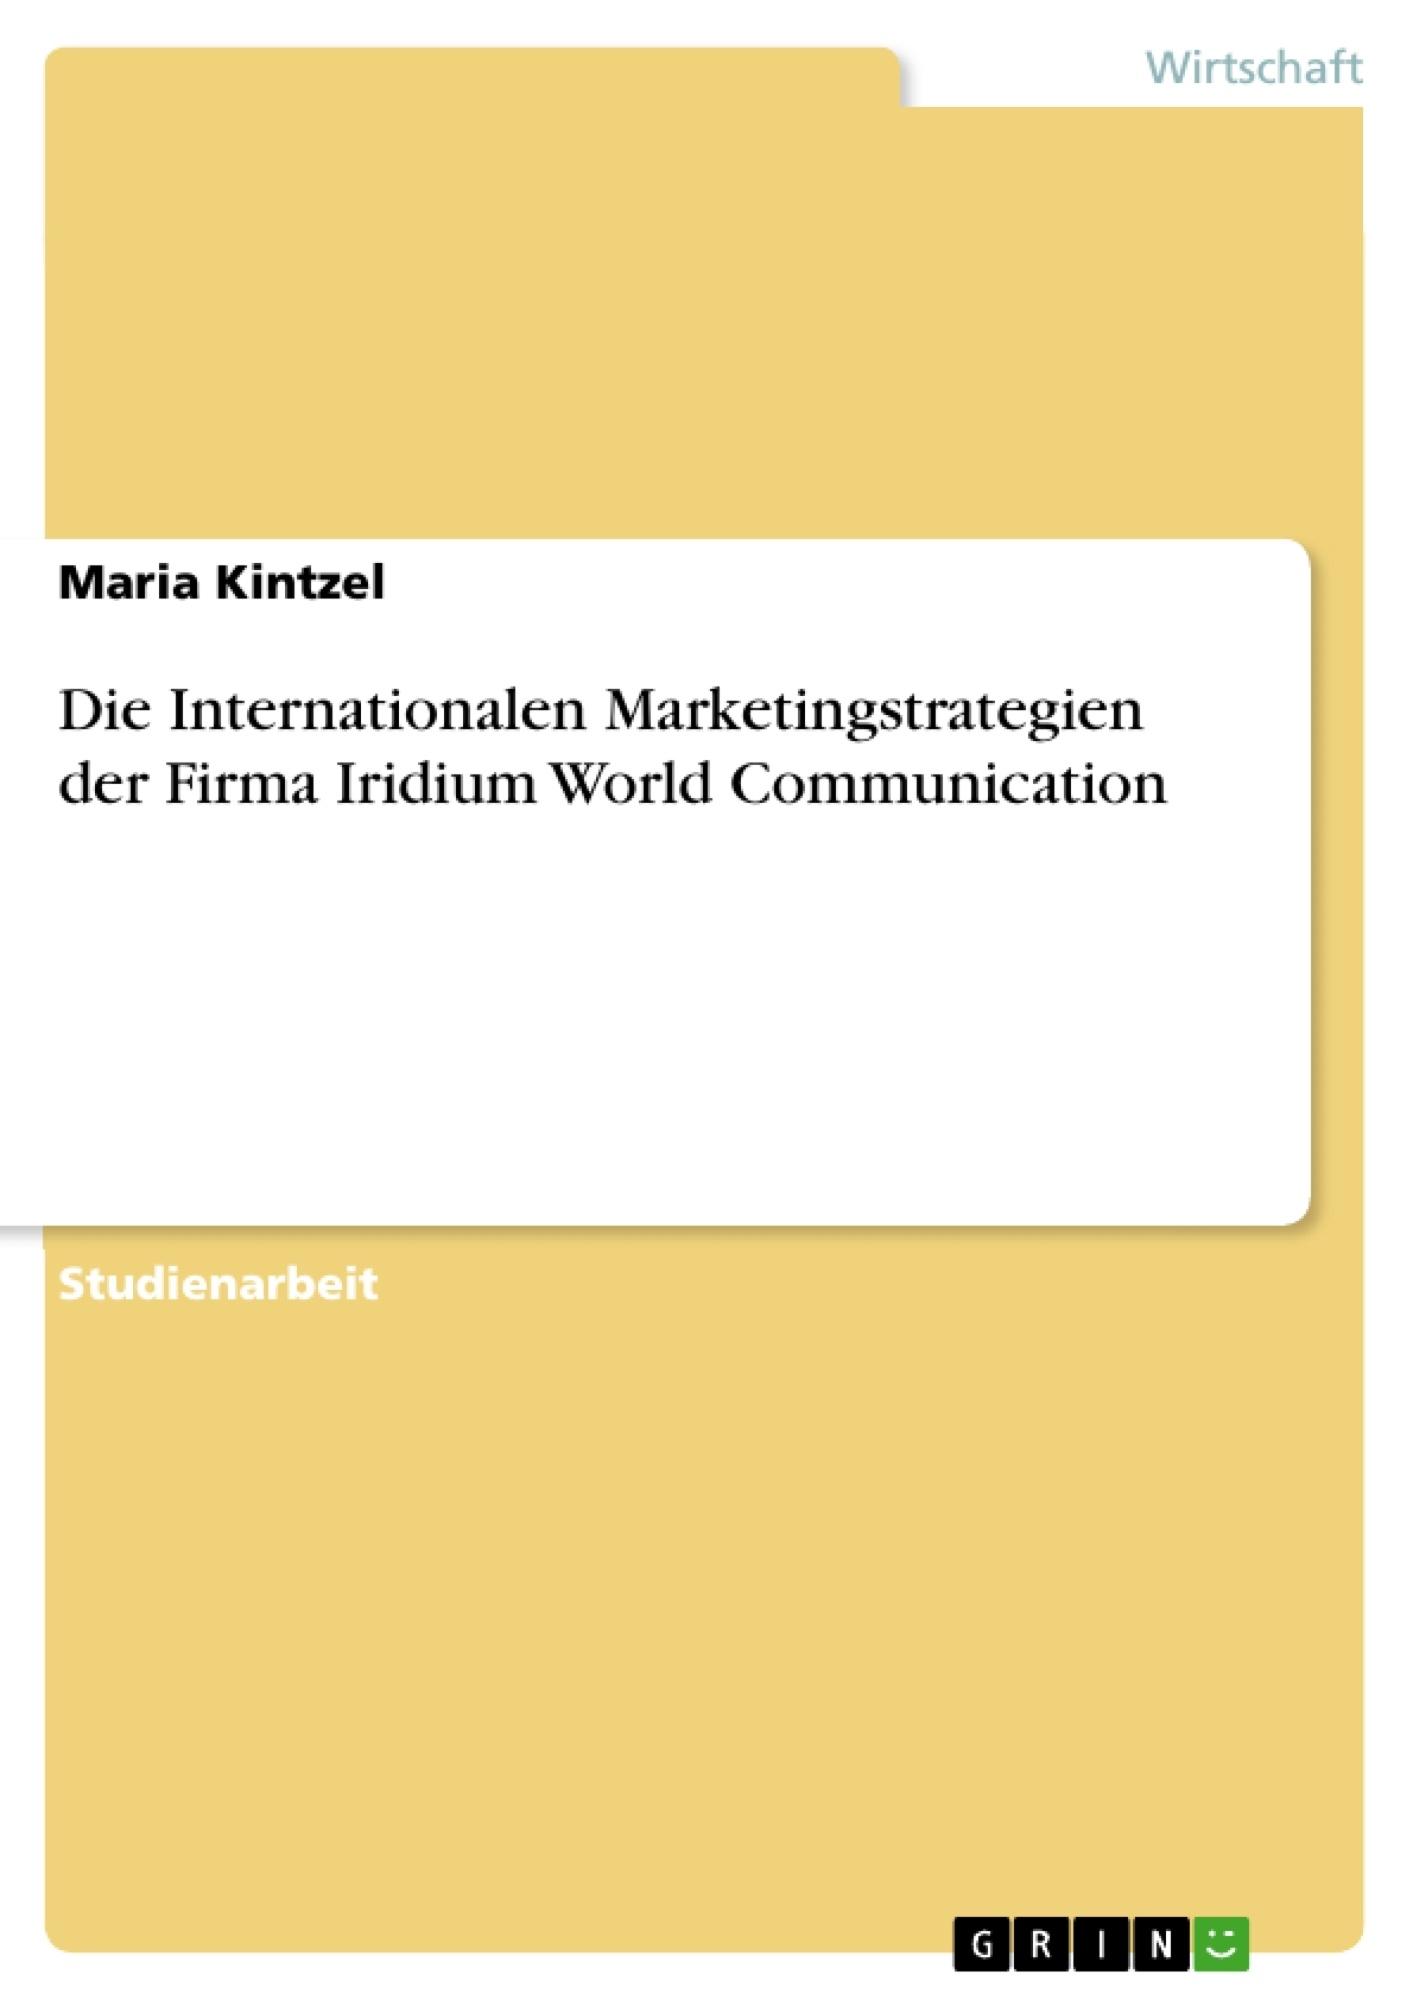 Titel: Die Internationalen Marketingstrategien der Firma Iridium World Communication